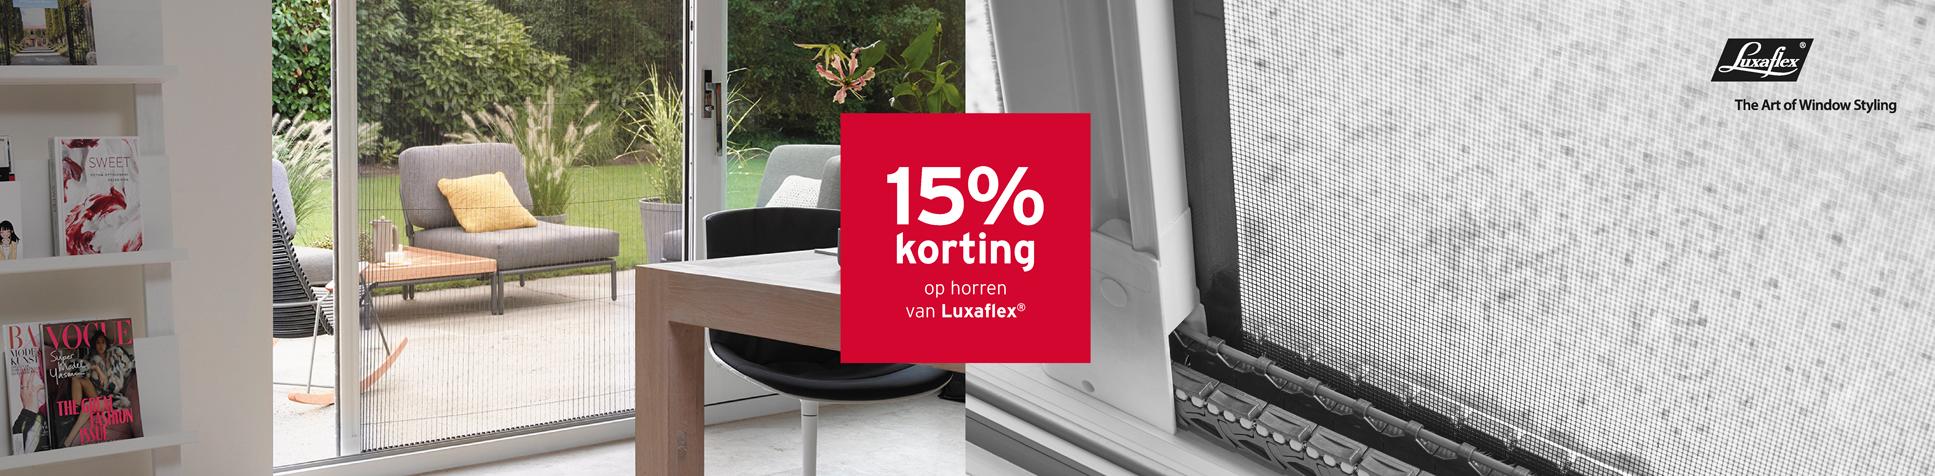 15% korting op horren van Luxaflex